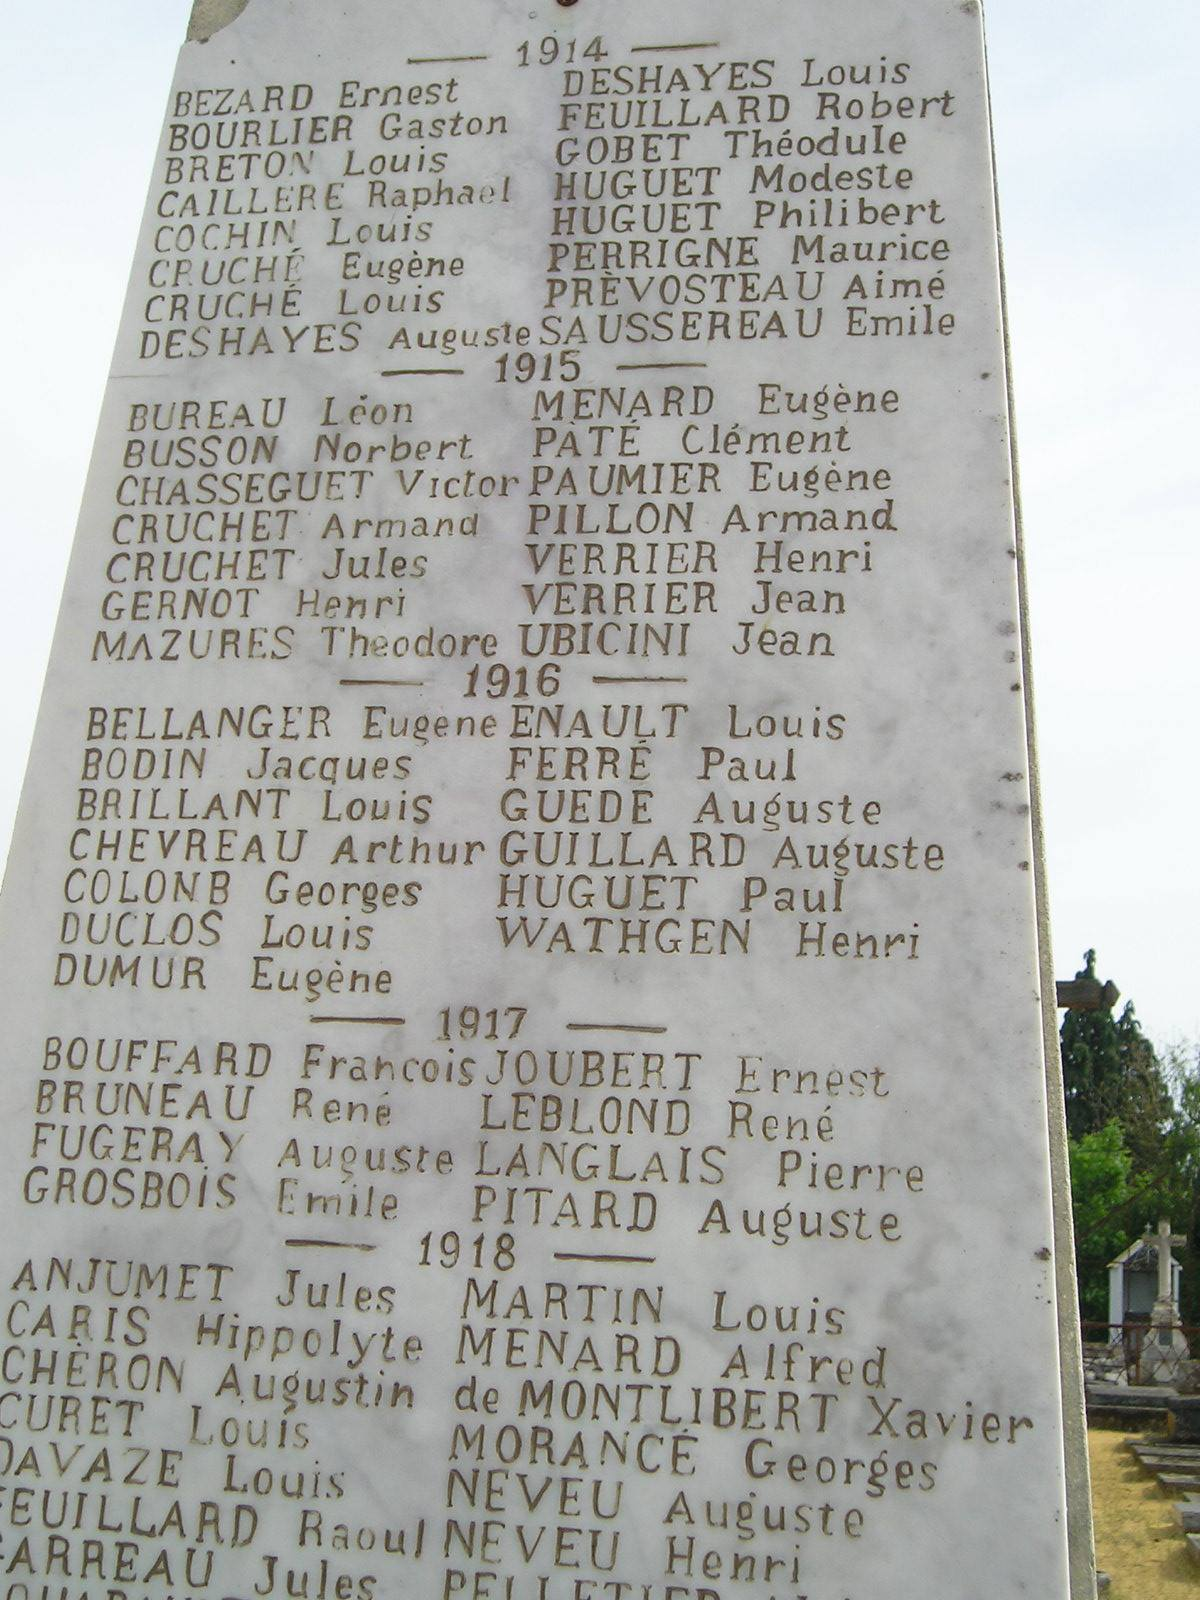 Lavarré - Monument commémoratif - Monument aux morts 1914-1918 et 1939-1945 - Vue 02 (Michel Rogerie)